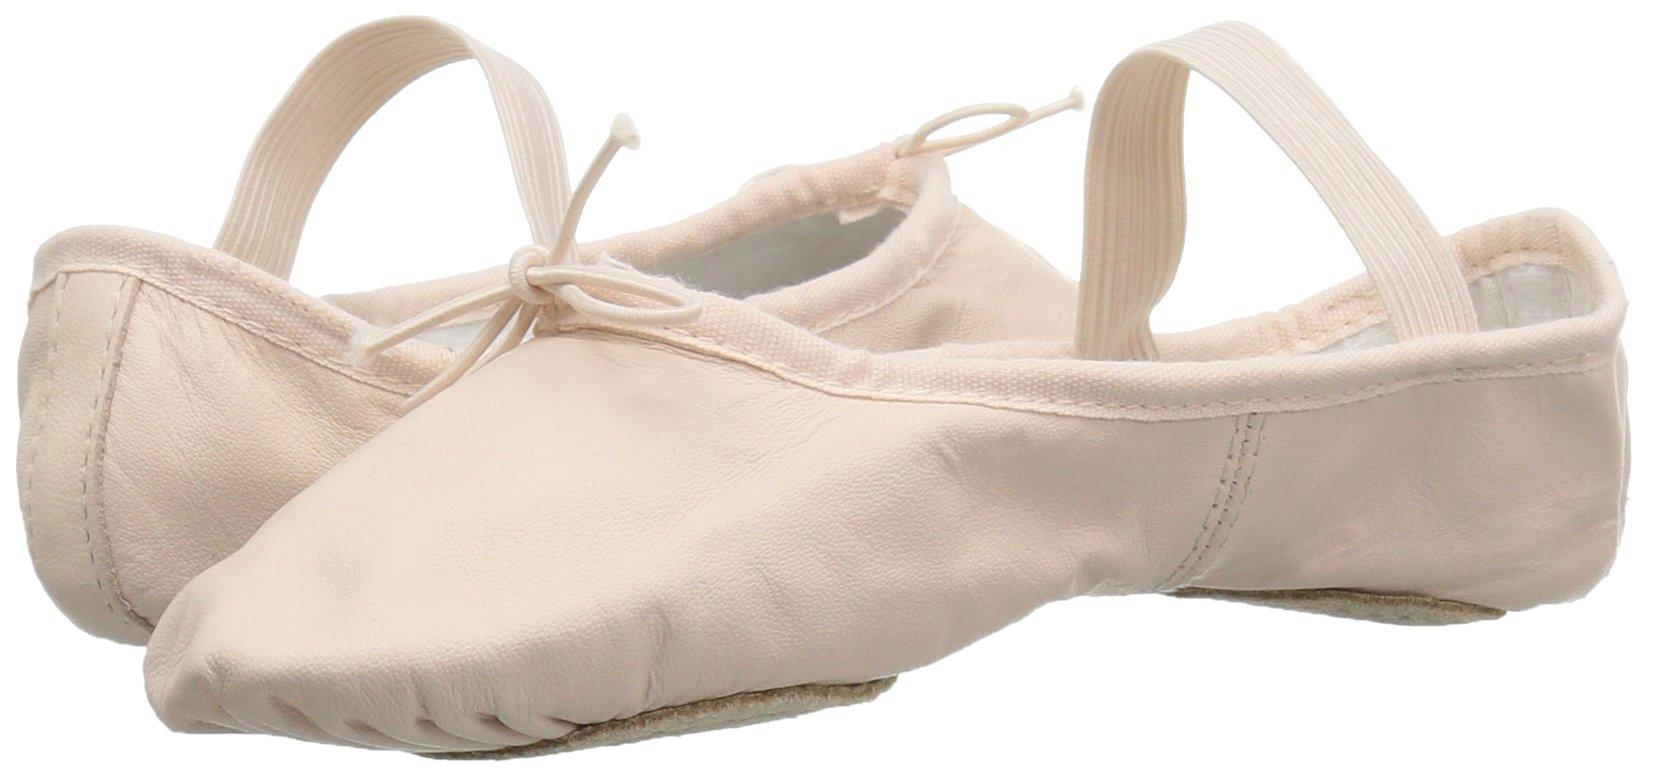 Bloch Dance Women's Dansoft Split Sole Dance Shoe, Theatrical Pink, 2.5 C US by Bloch (Image #6)